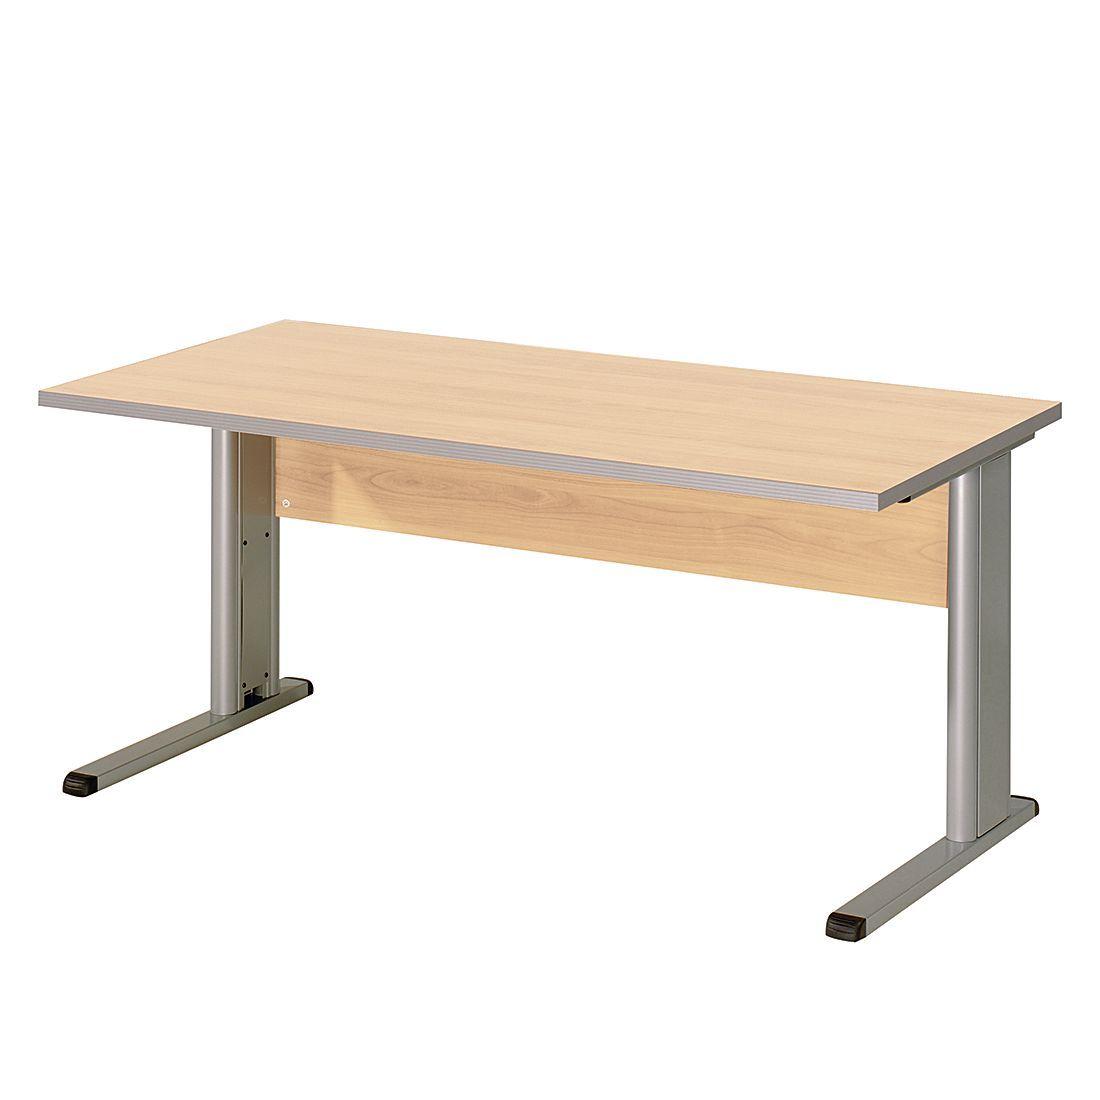 Schreibtisch Kirk I - Ahorn Dekor - Tischplatte: 160 x 80 cm ...